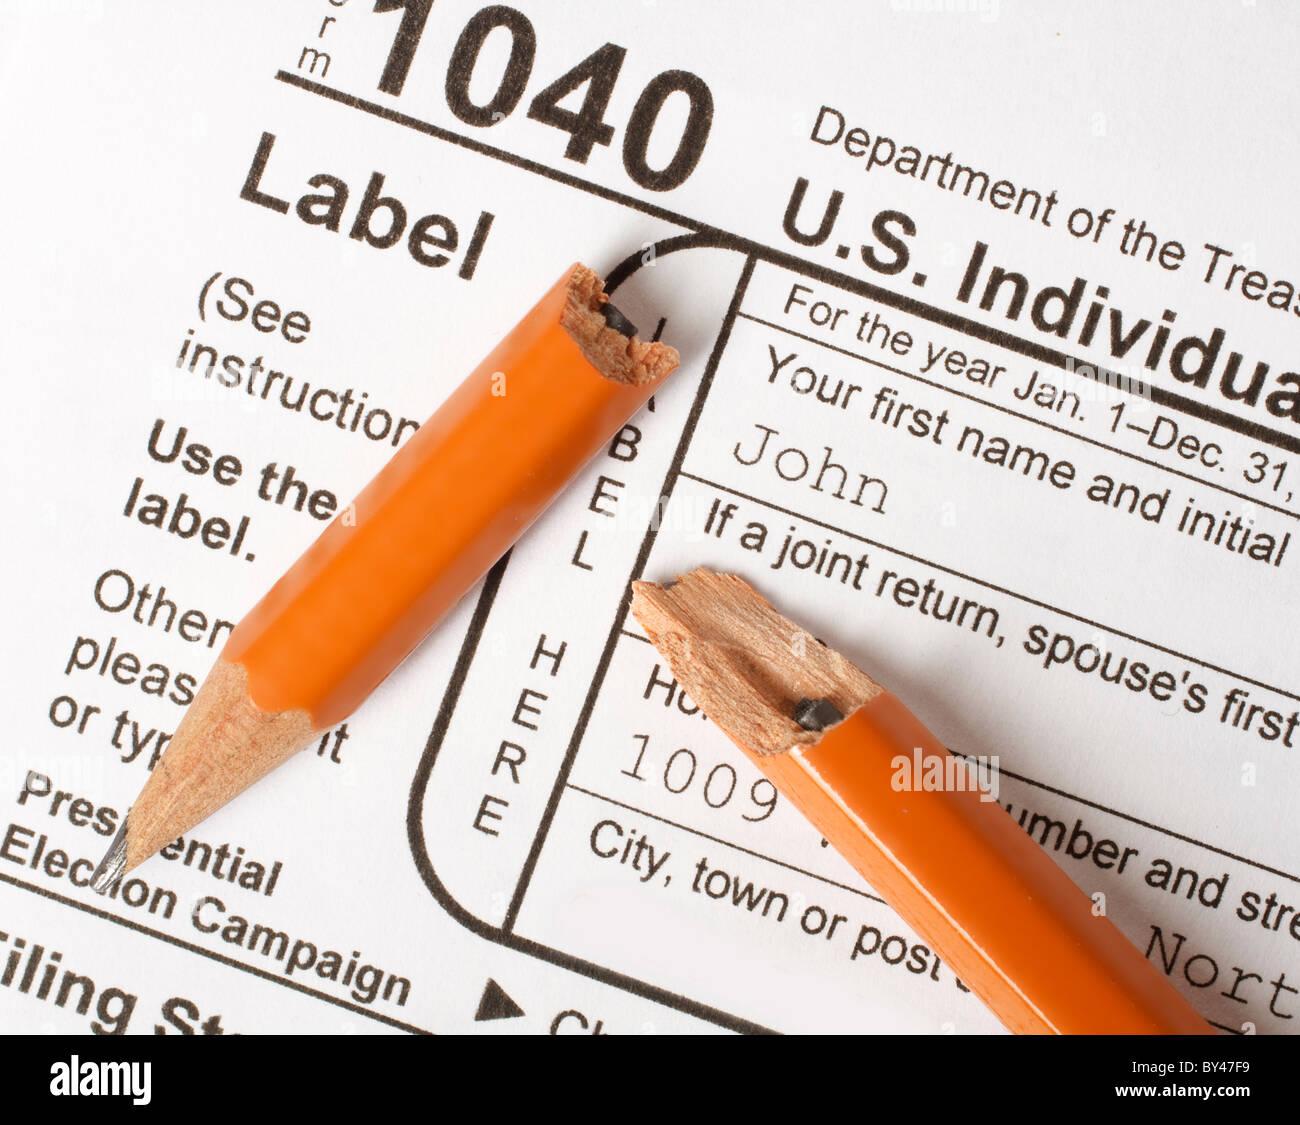 Gebrochene Bleistift auf ein Bund 1040 Steuerformular veranschaulicht das Konzept der Steuerzahler Frustration und Stockbild